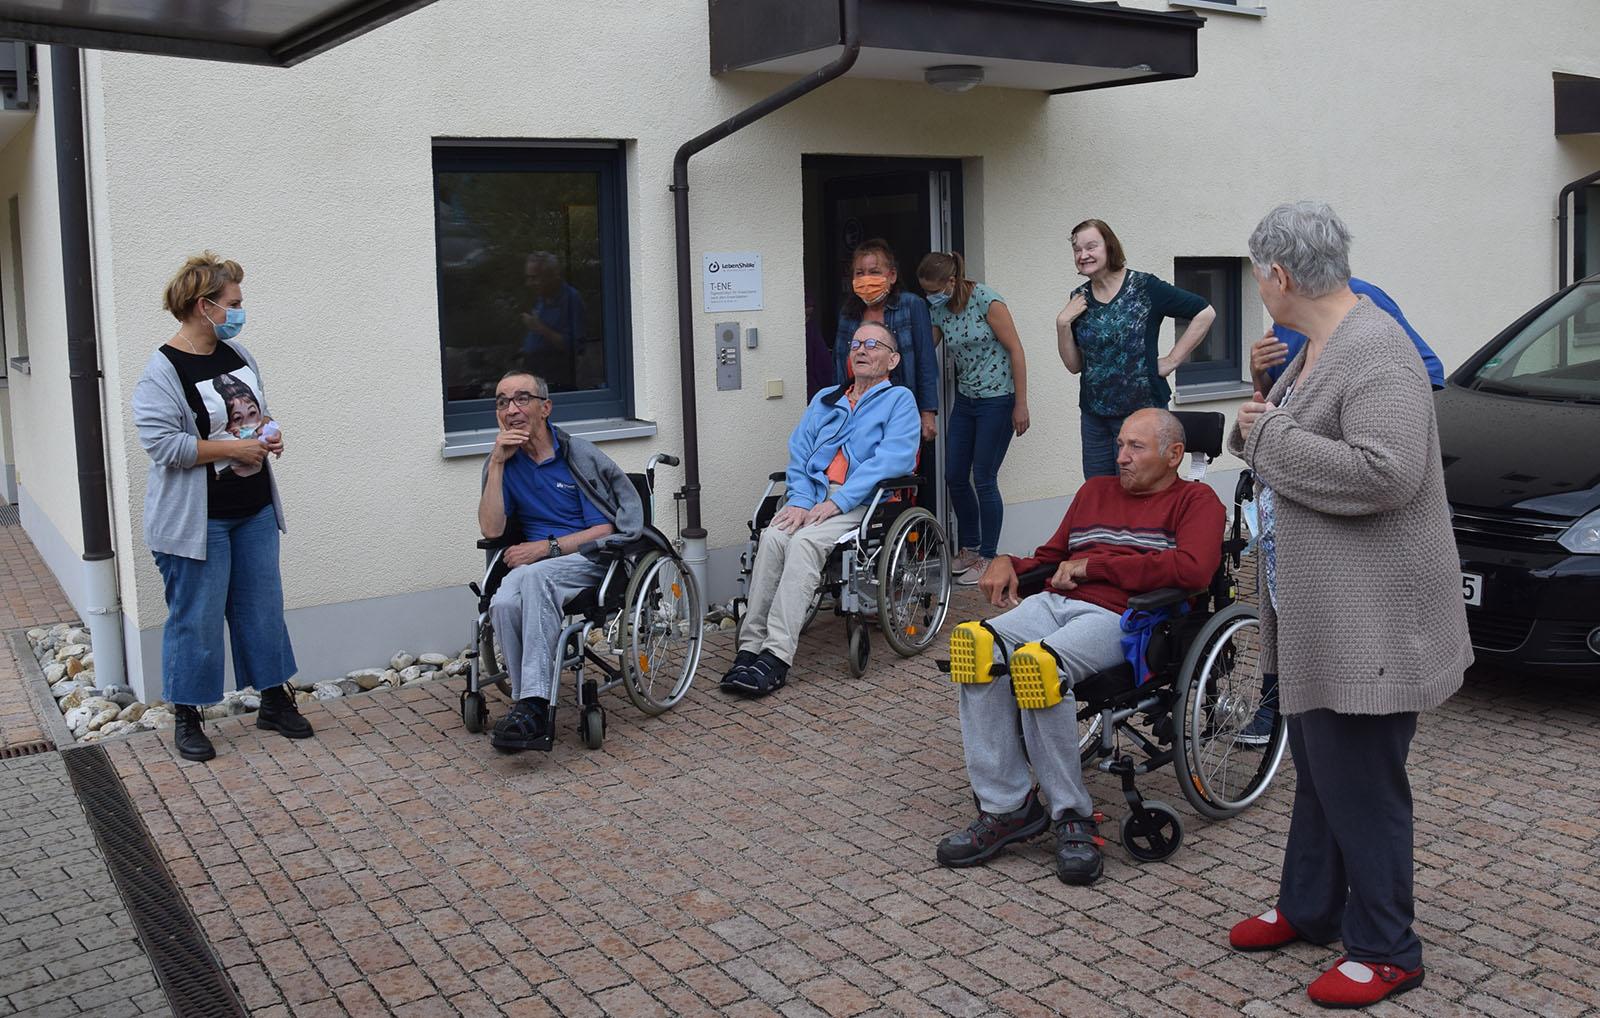 Senioren der TENE bekamen Besuch vom Eismobil der Eislounge